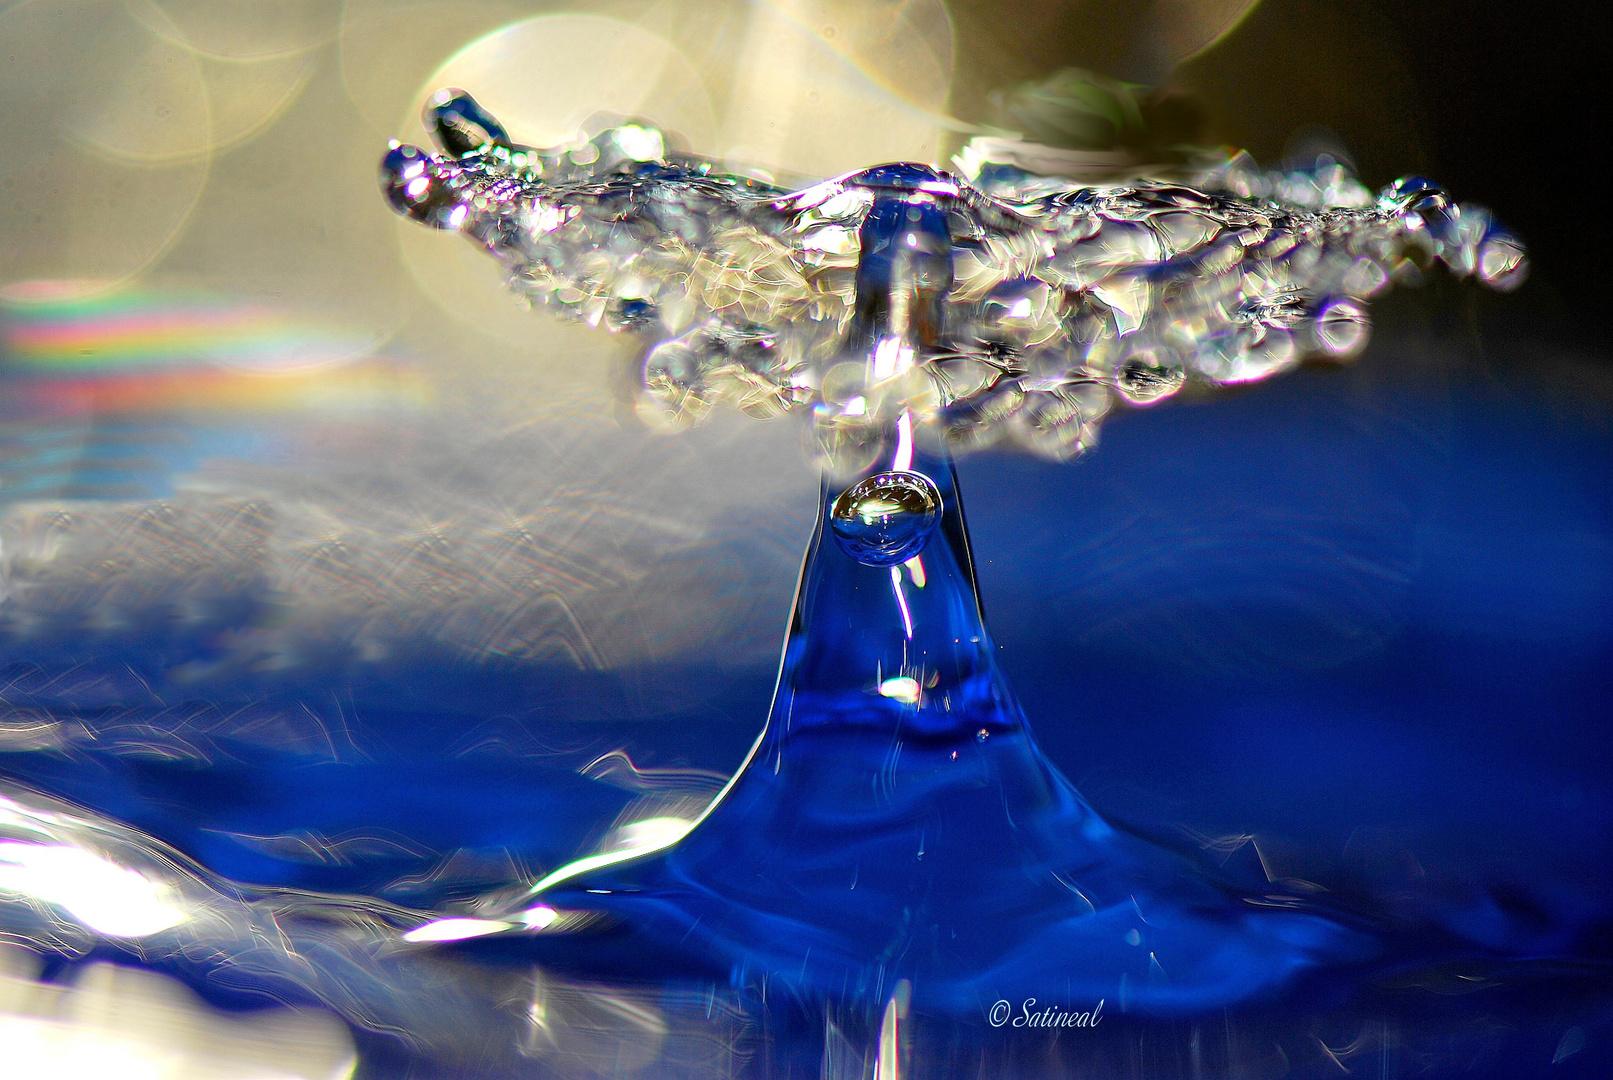 La queue de la baleine bleue photo et image | emotions, imagin tabl'eau,  macro Images fotocommunity